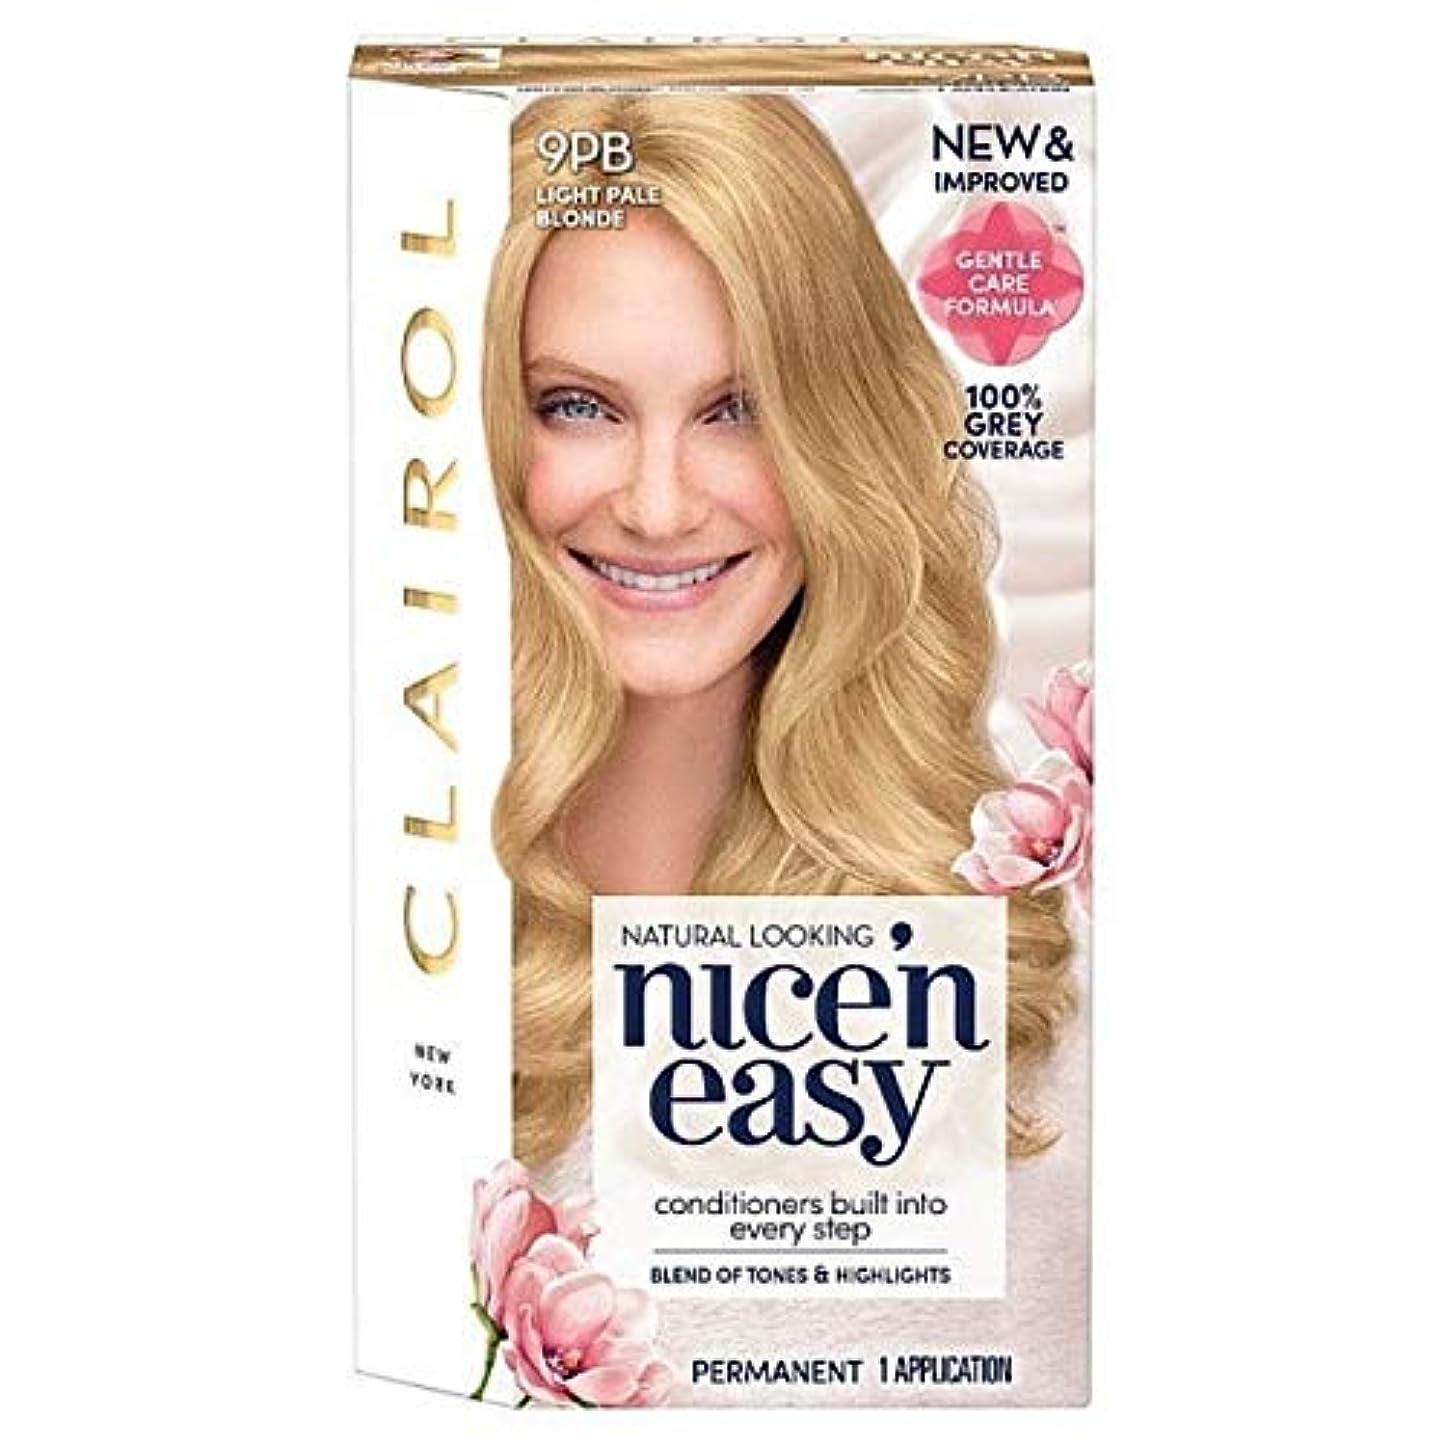 不器用光景メタン[Nice'n Easy] Nice'N簡単9Pb光淡いブロンド - Nice'n Easy 9Pb Light Pale Blonde [並行輸入品]